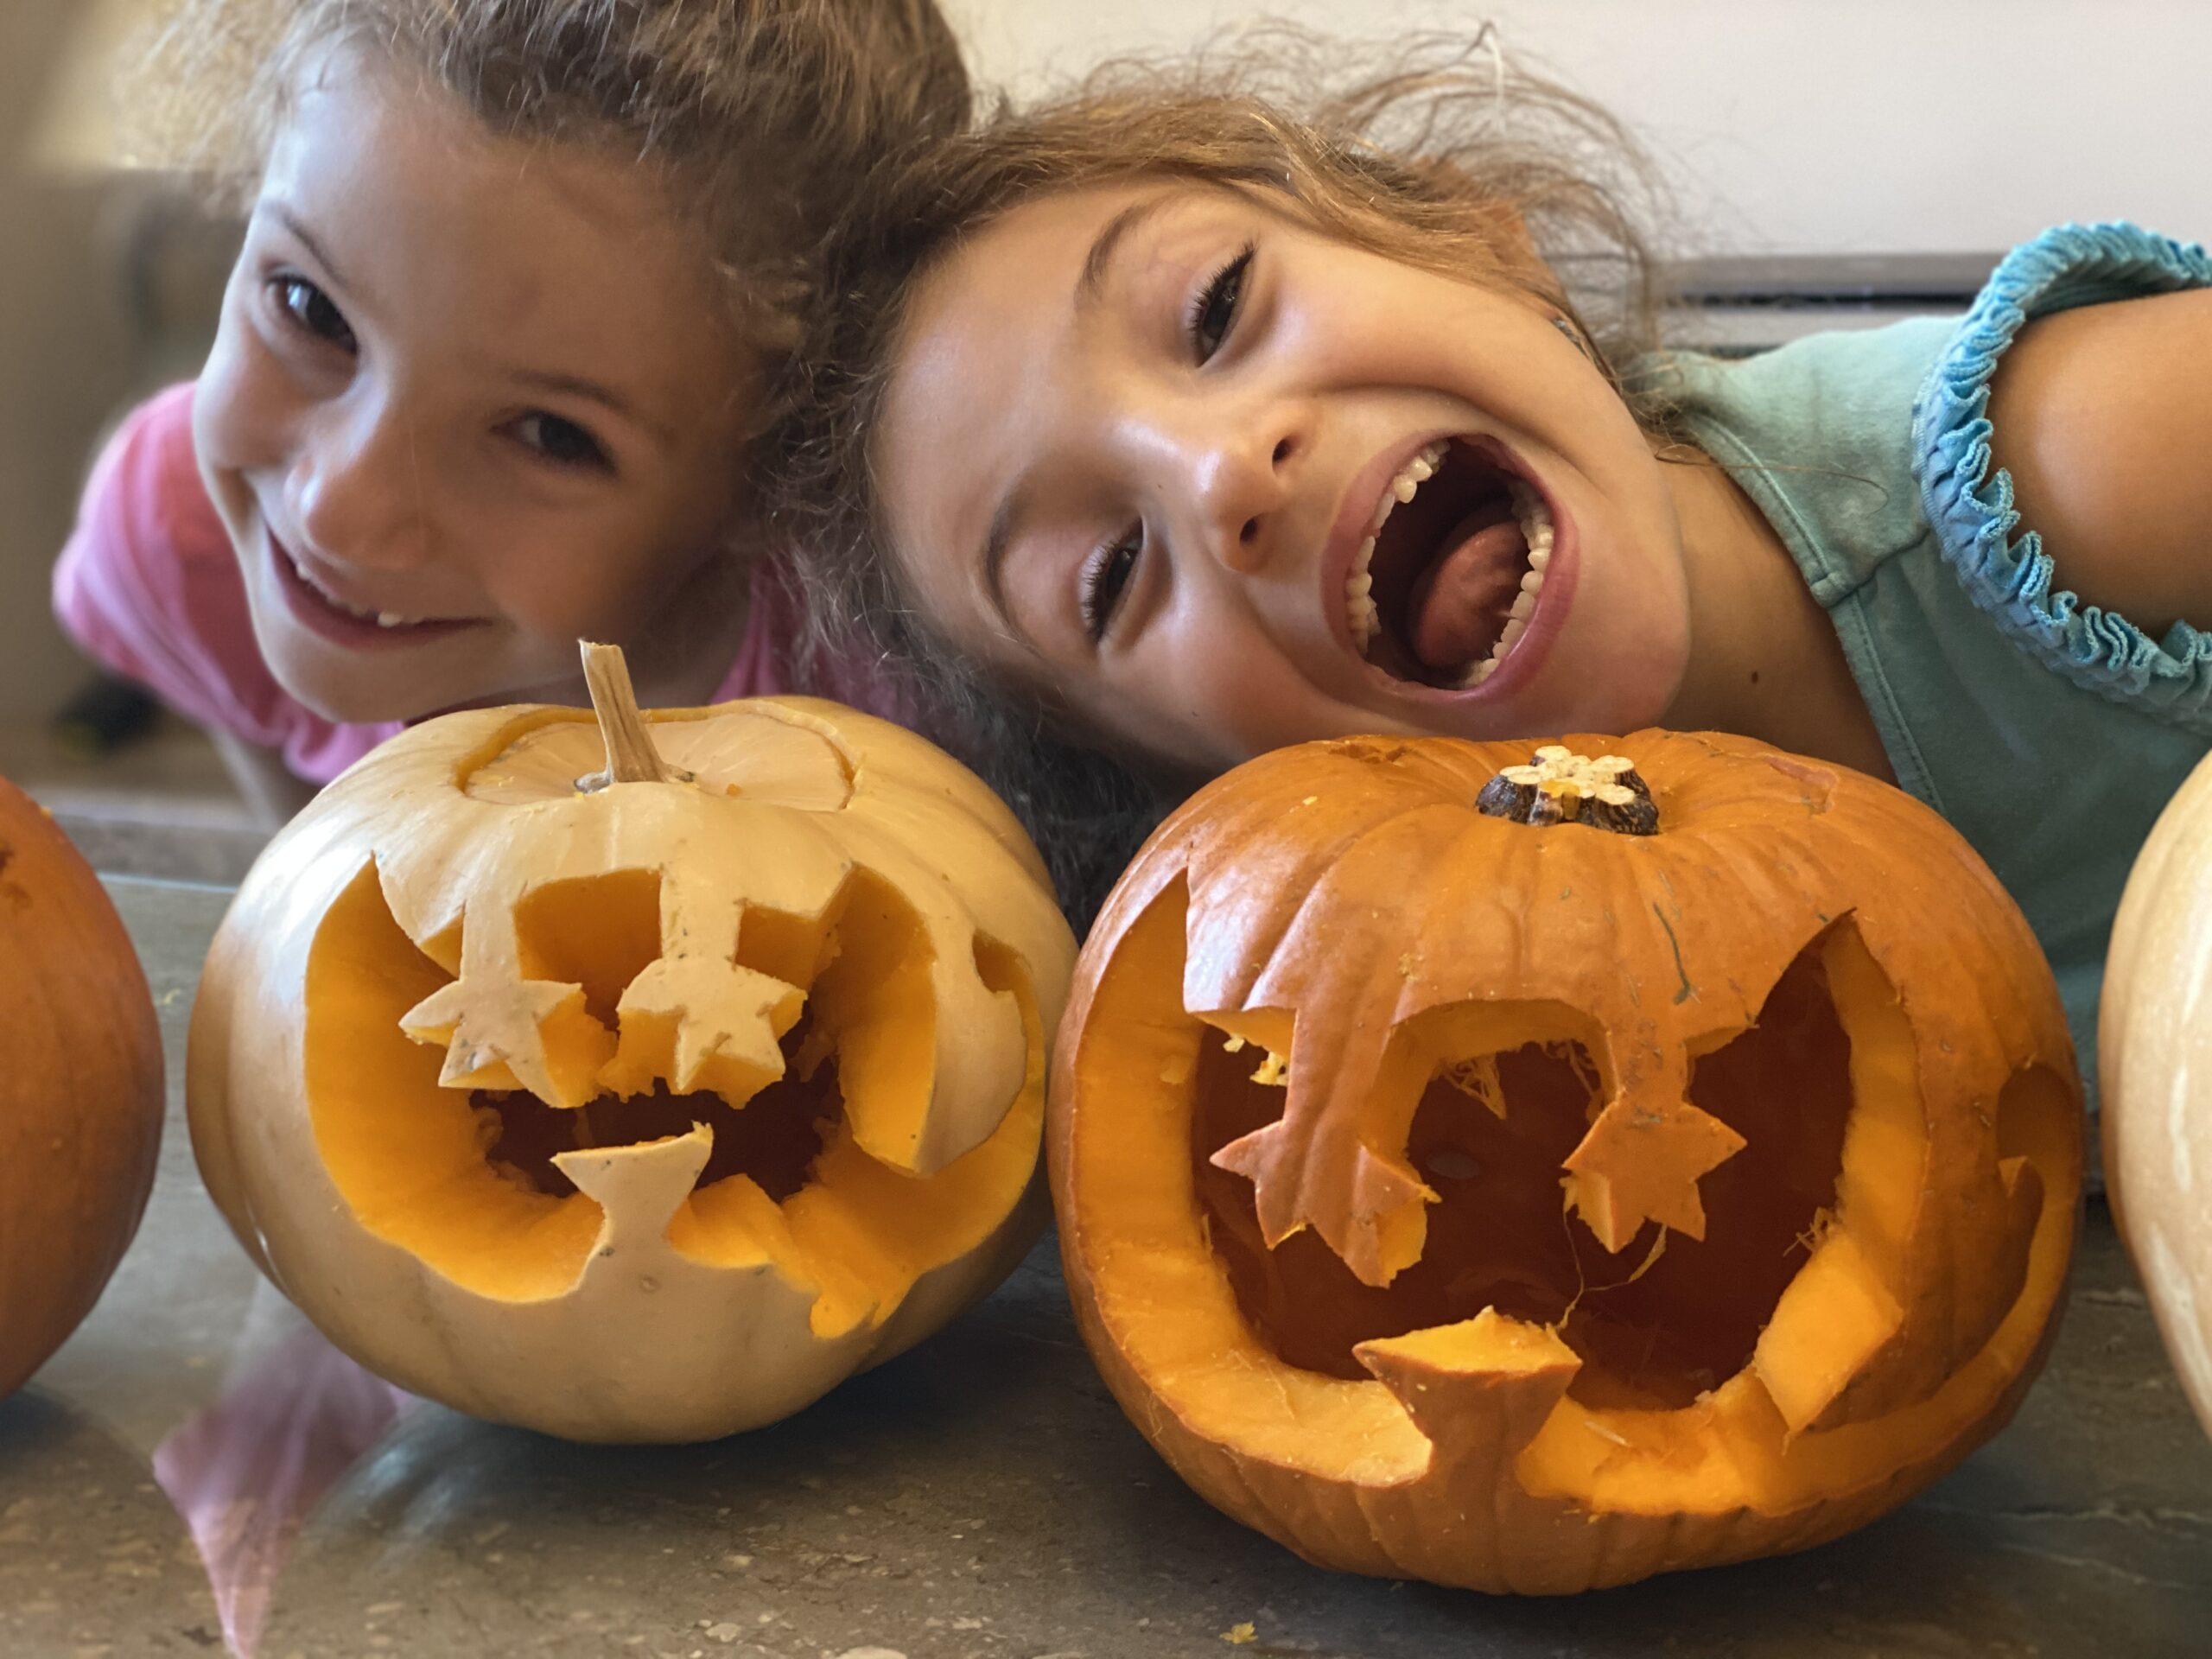 Merkitty carved pumpkins